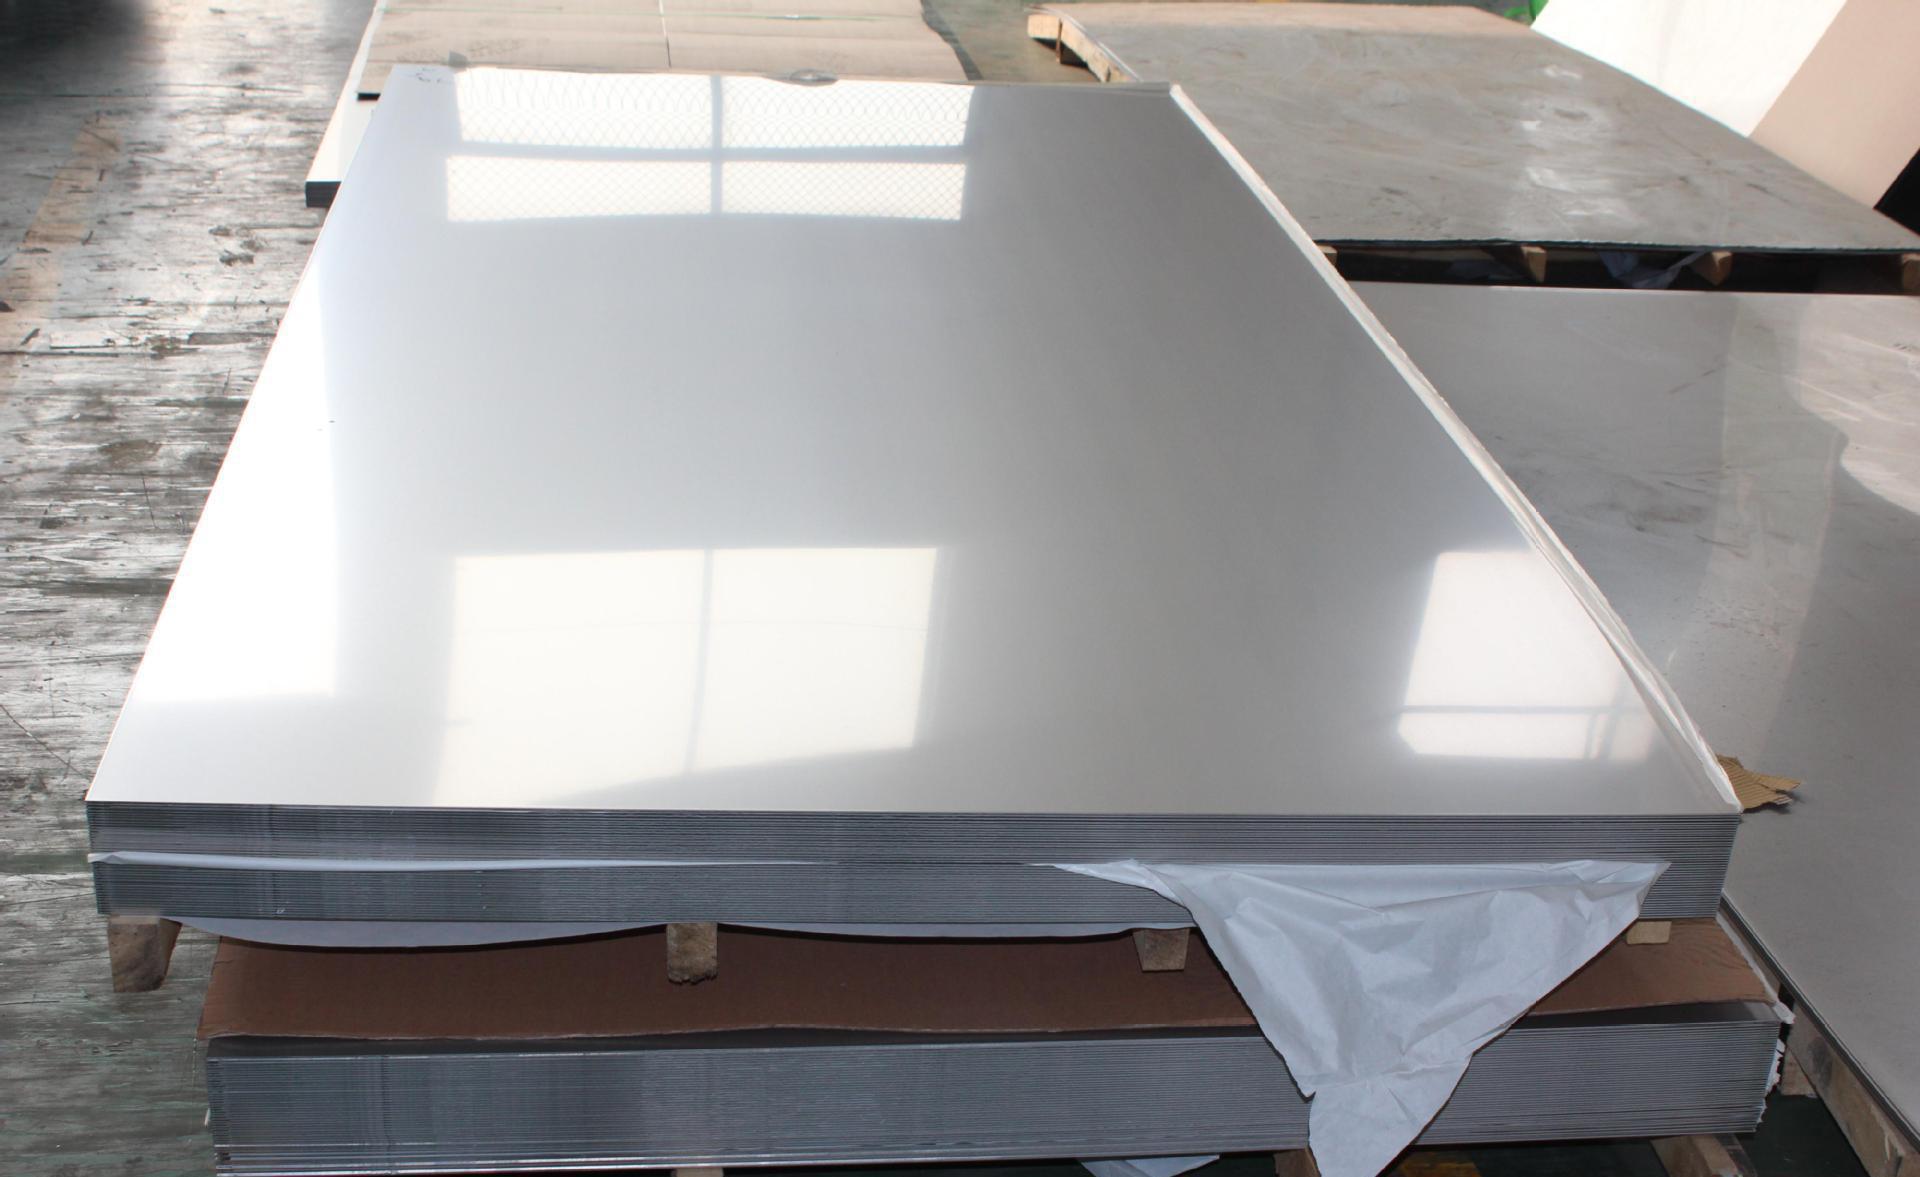 幕墙铝单板与不锈钢金属材料相比突出的优势